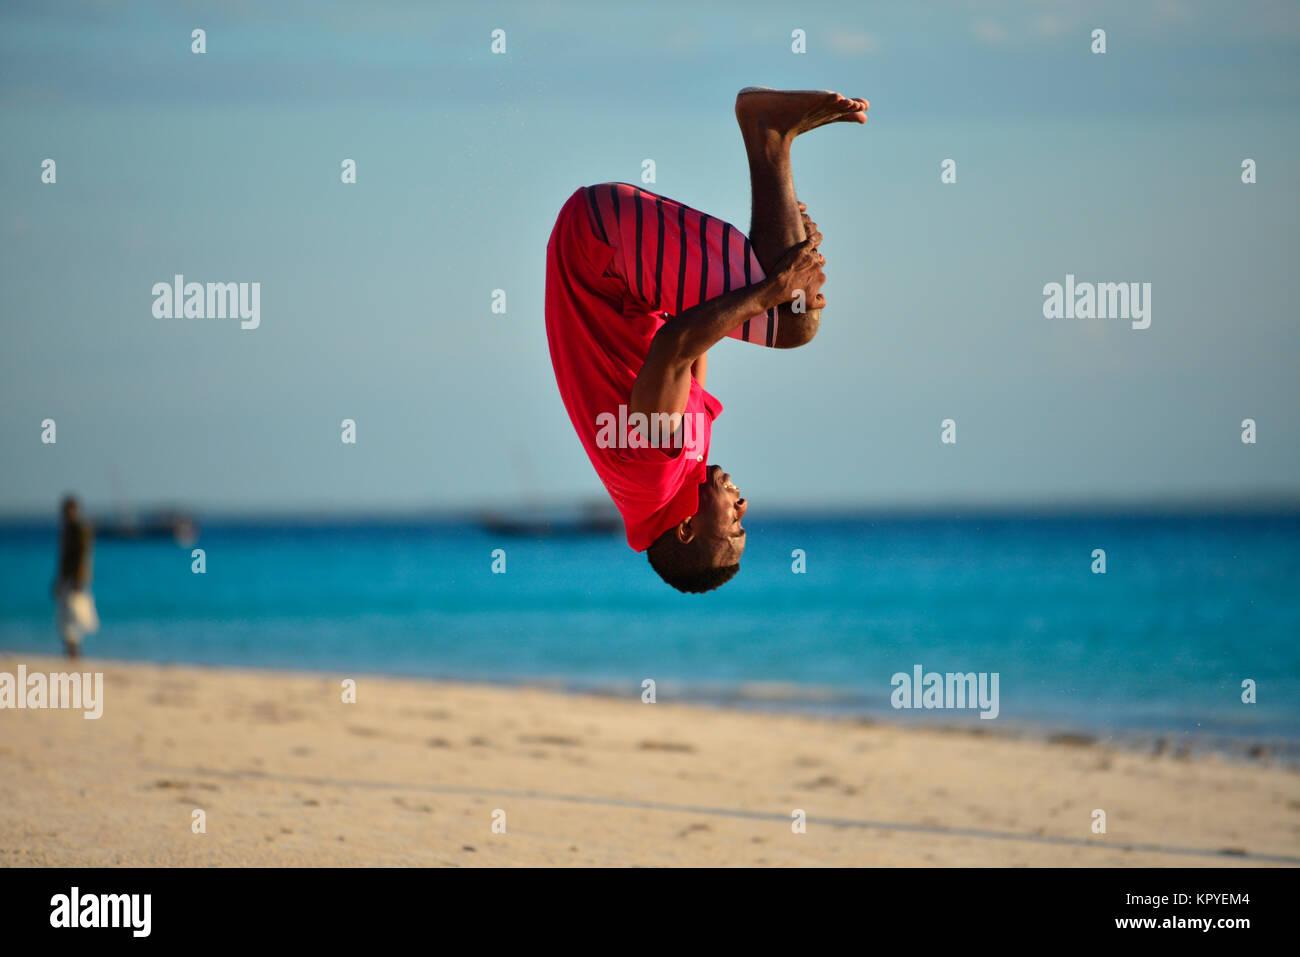 Zanzibar è un oceano Indiano paradiso che la maggior parte delle persone possono permettersi di visitare per pigri Foto Stock